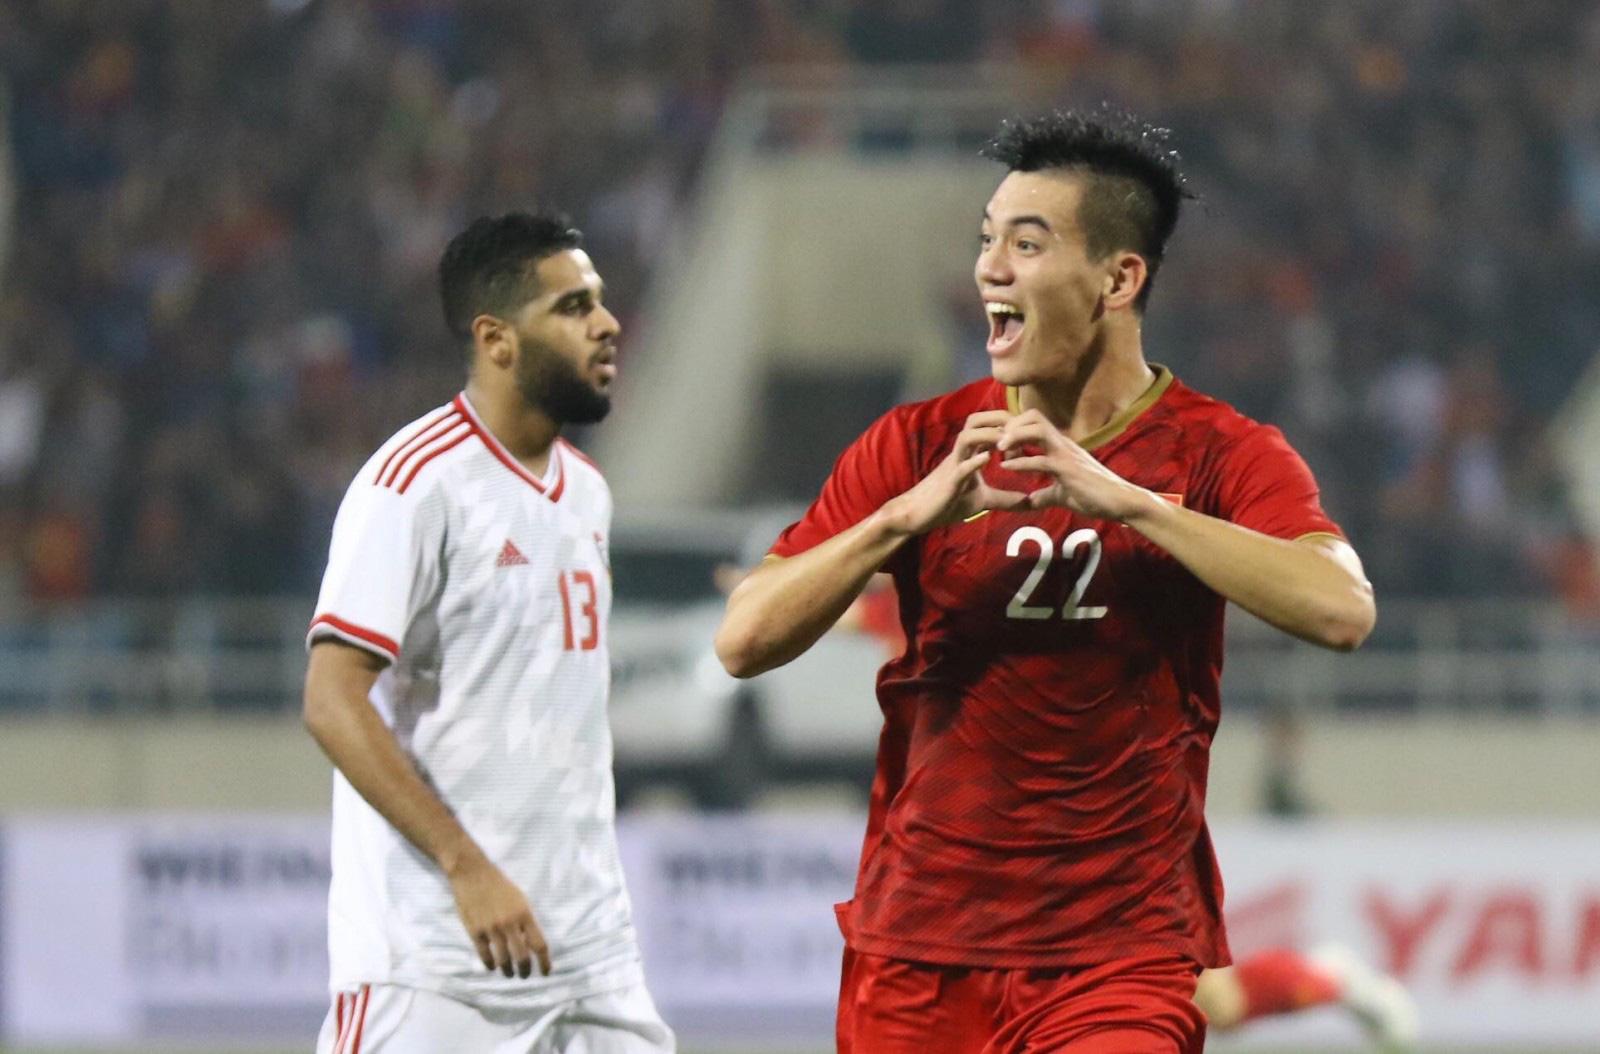 Quyết cạnh tranh với ĐT Việt Nam, UAE muốn làm điều khó tin - Ảnh 1.